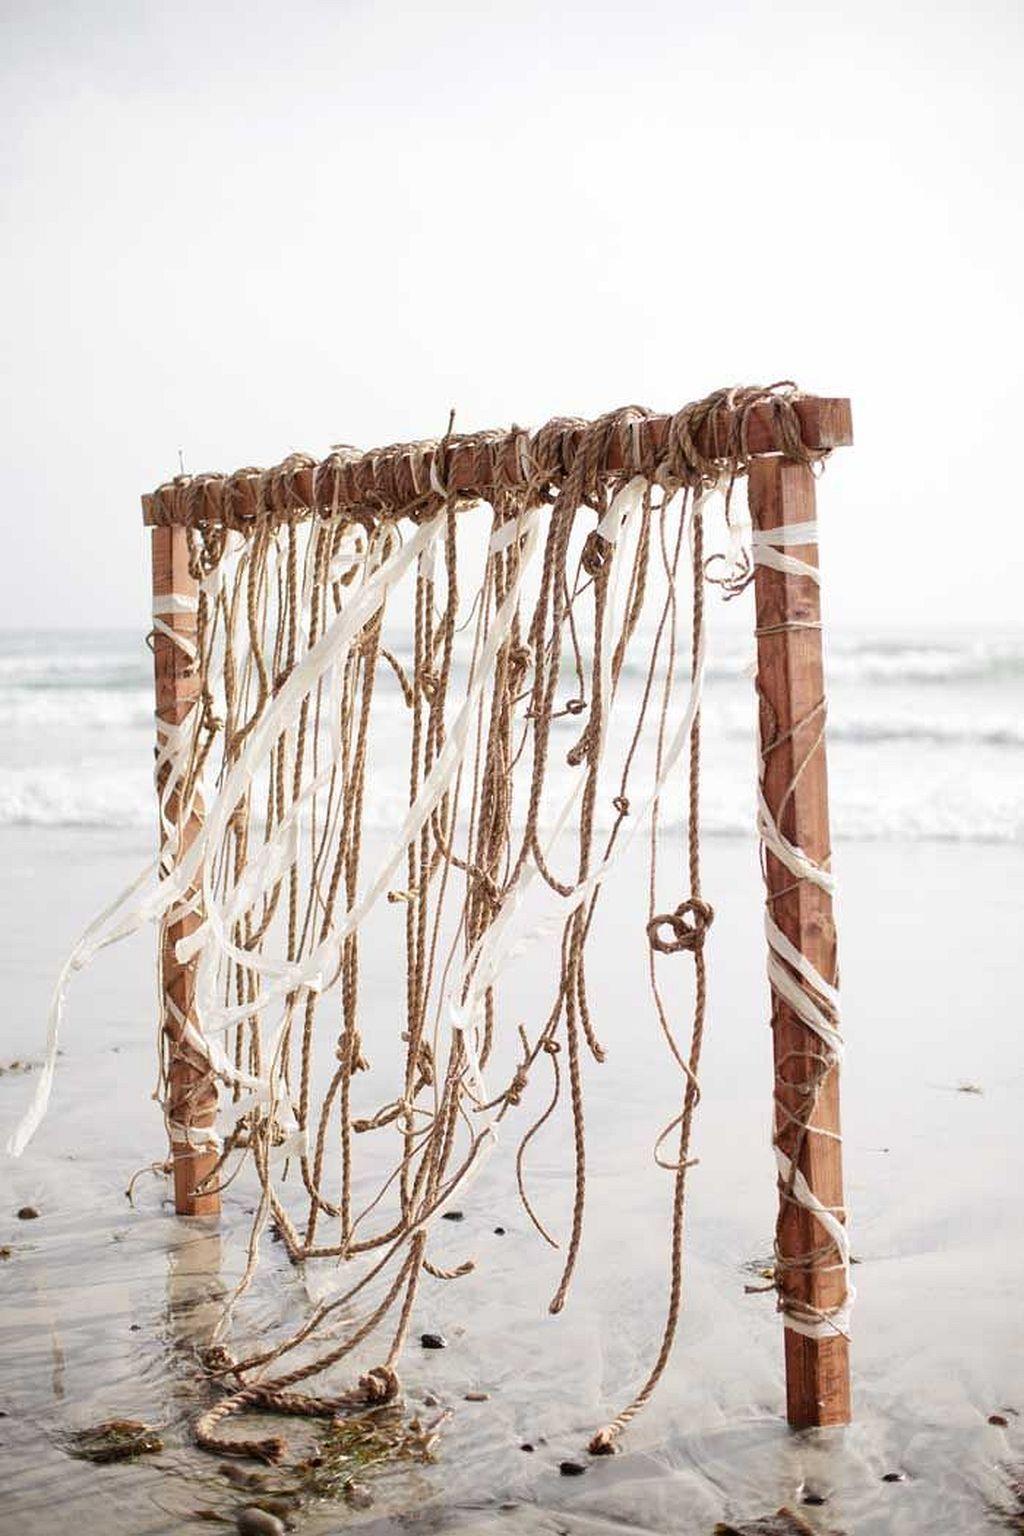 Amazing 20+ Incredible Rustic Beach Wedding https://weddmagz.com/20-incredible-rustic-beach-wedding/